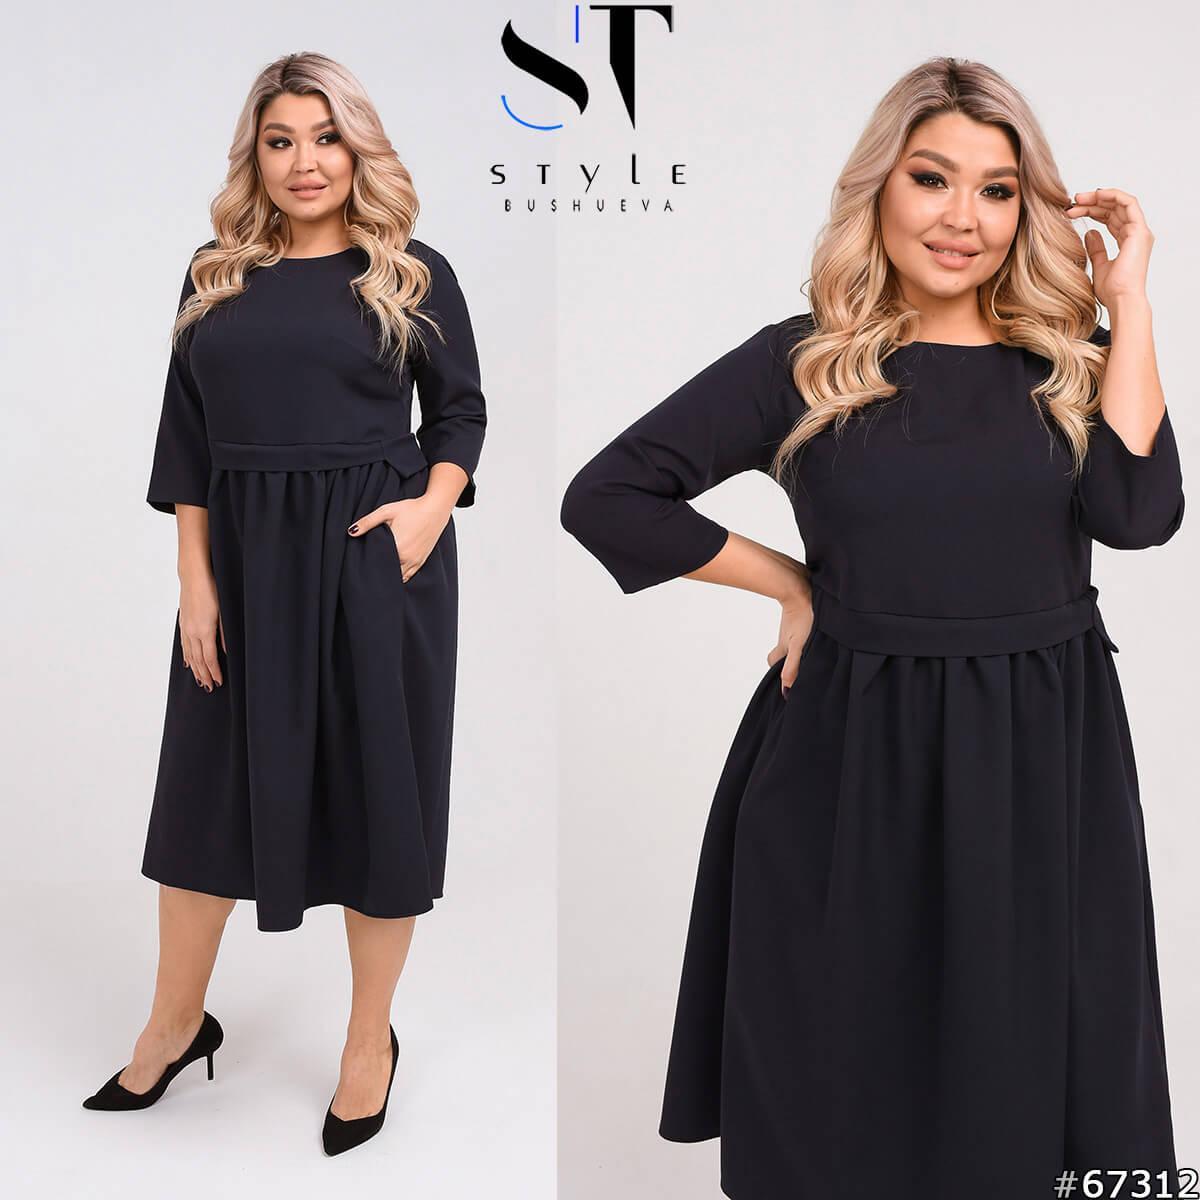 Стильна жіноча сукня з крепу у стилі бохо